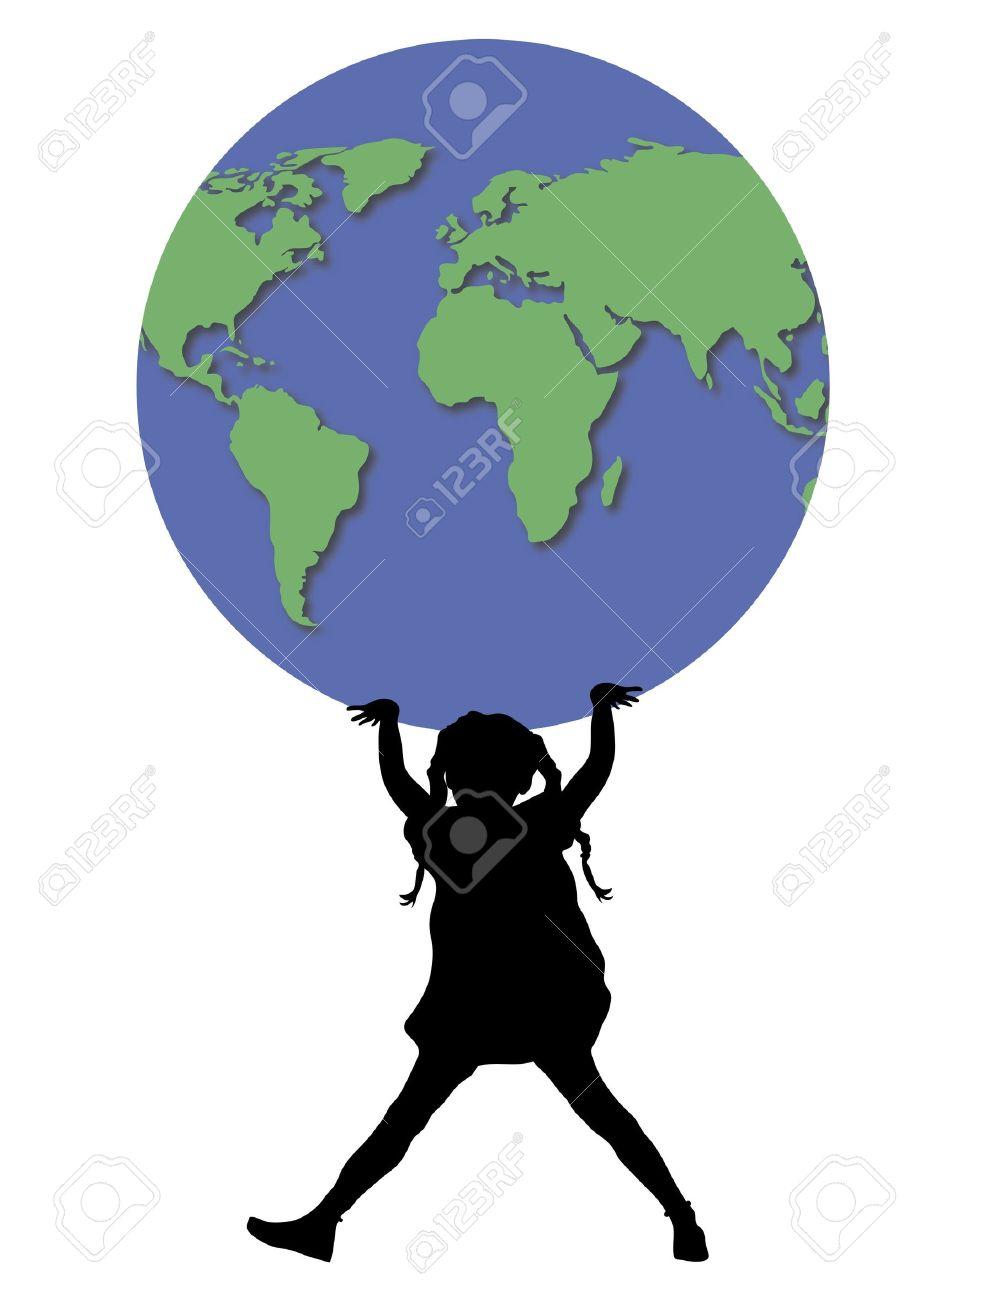 illustration of young girl holding up world globe Stock Illustration - 2733239